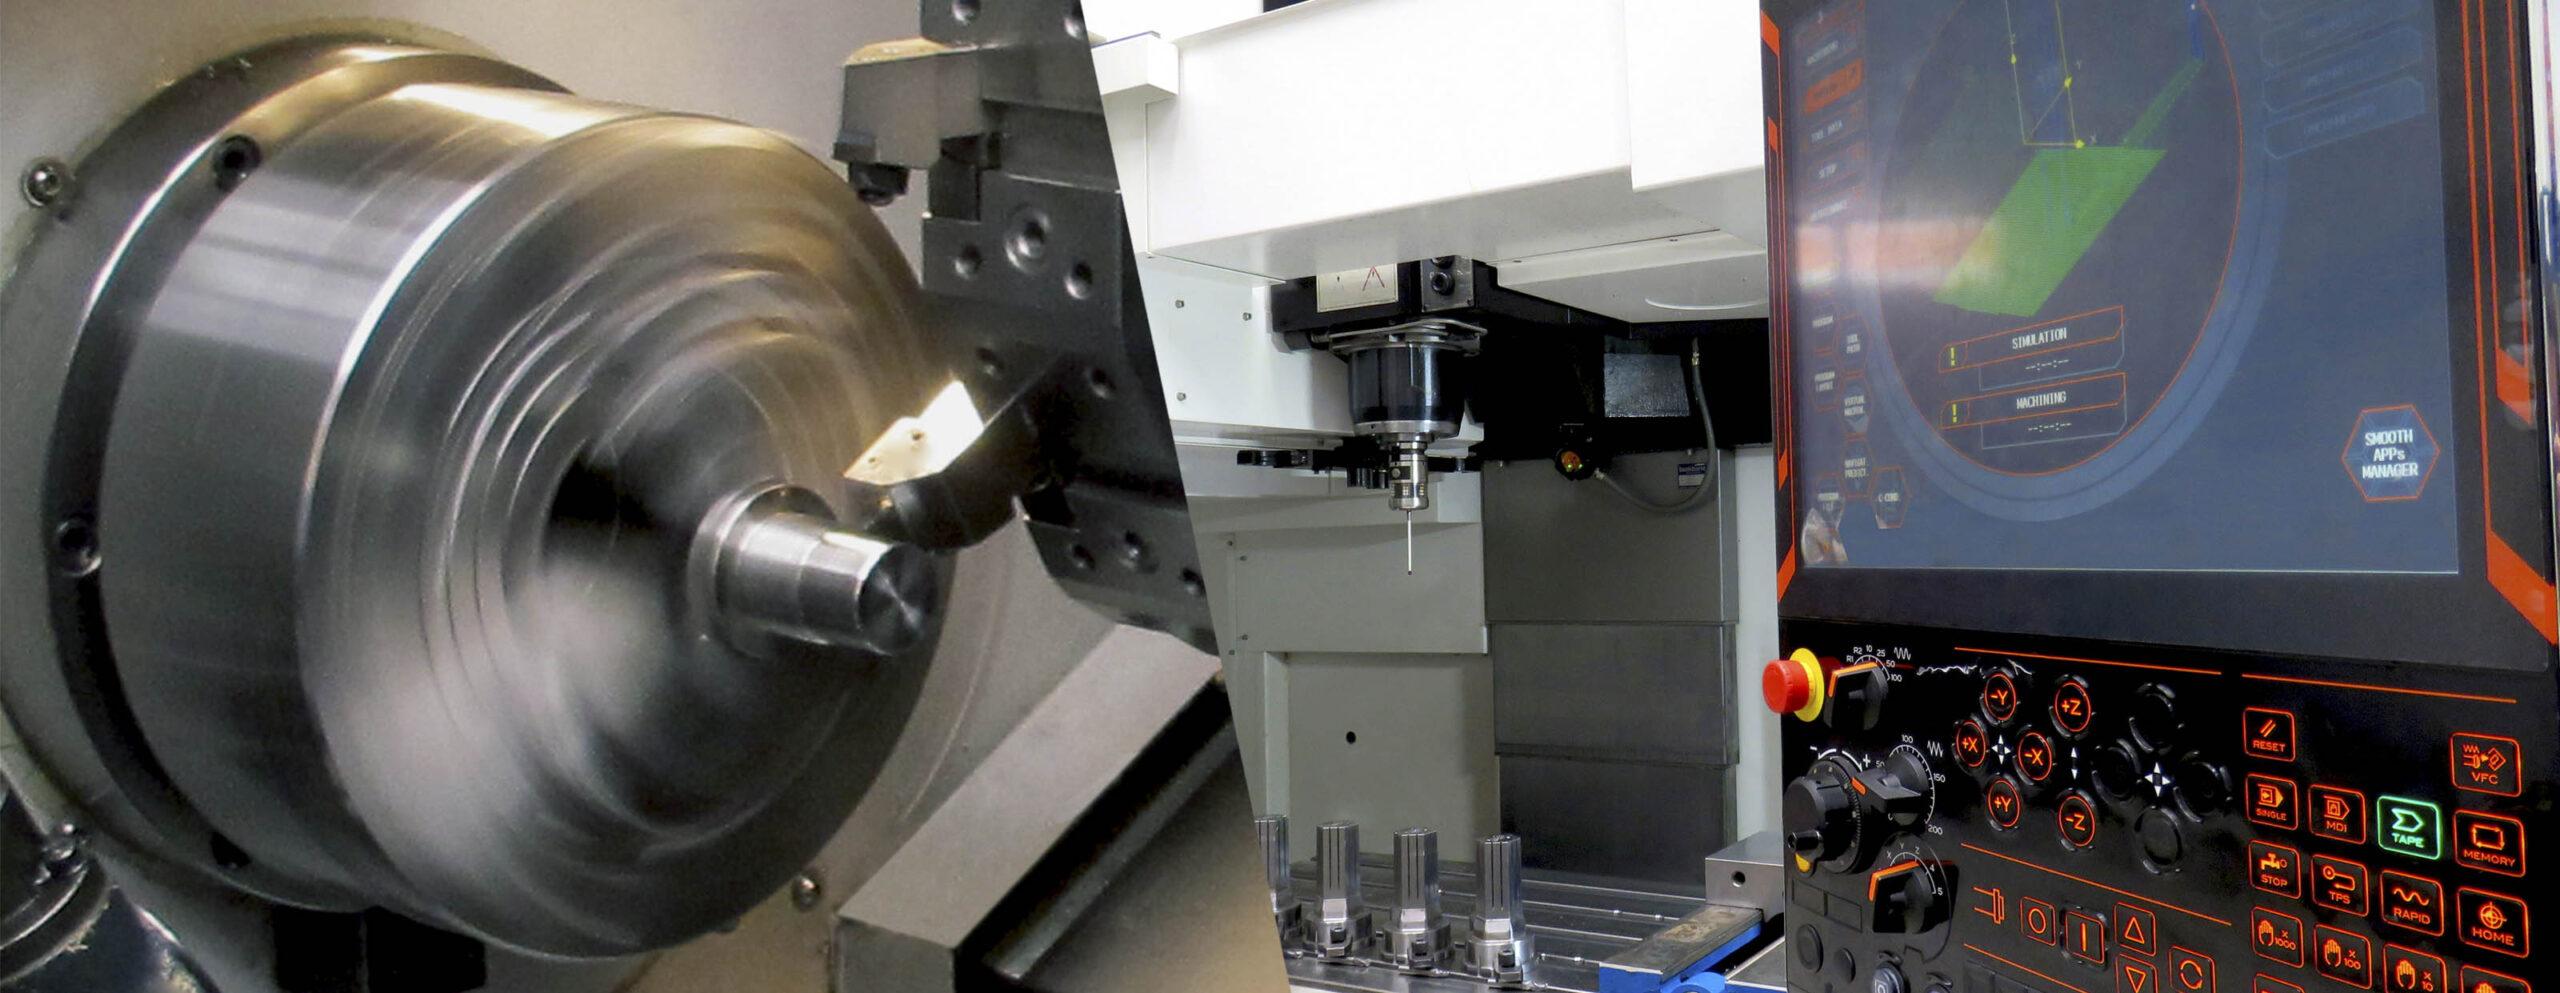 cnc_mecanizado_fabricacion_moldes_diseo_industrial_acero_inoxidable_servicio_mecanizado_23